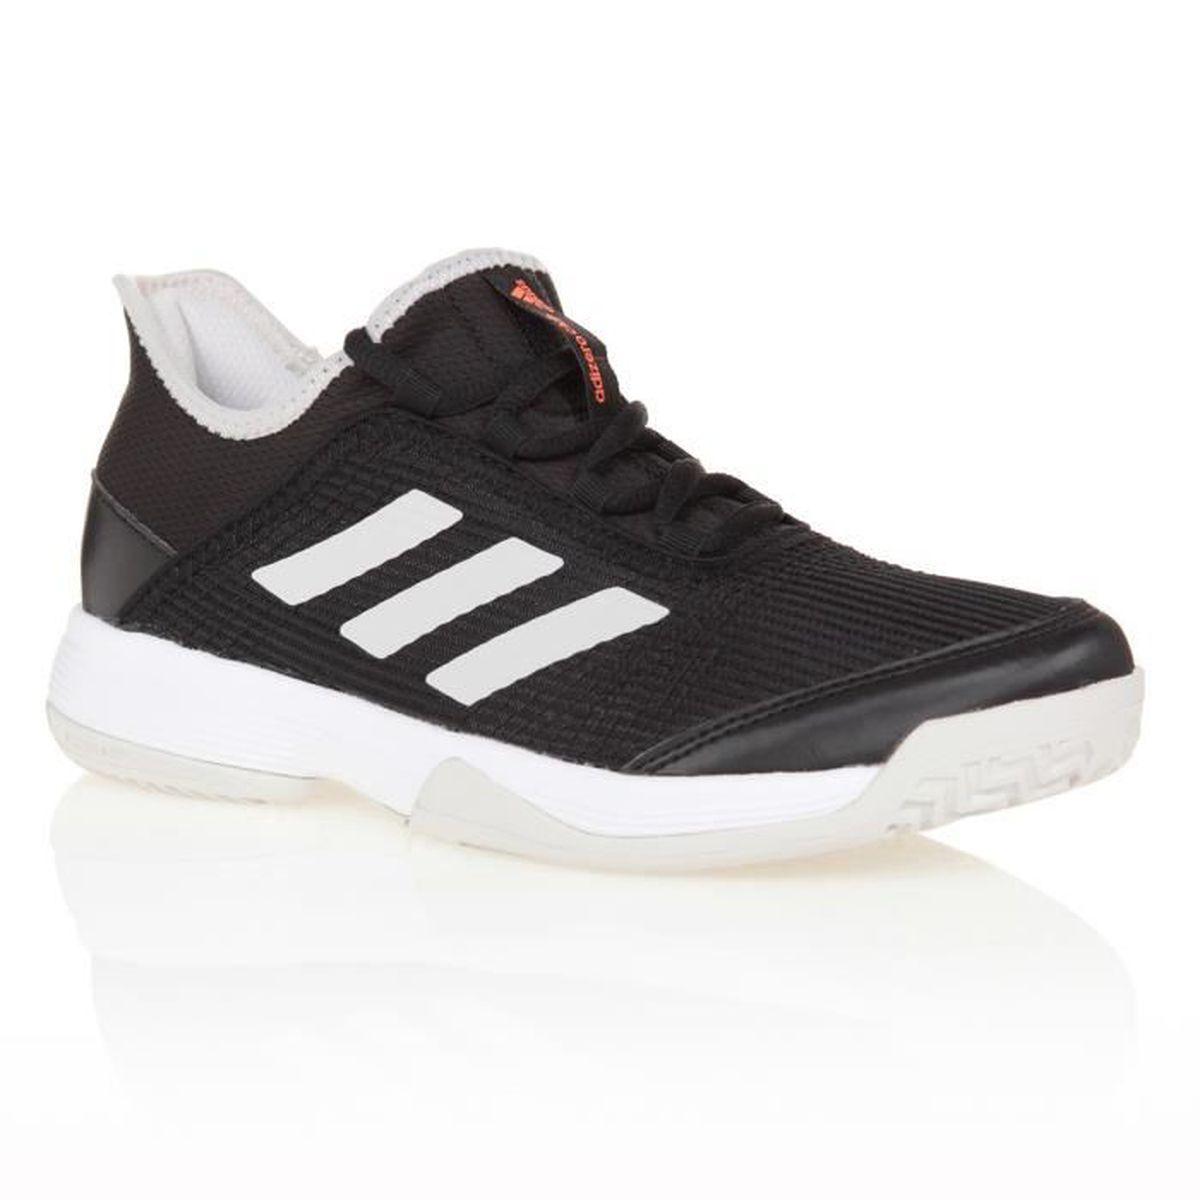 Chaussures Enfant Tennis Achat Vente Chaussures Enfant